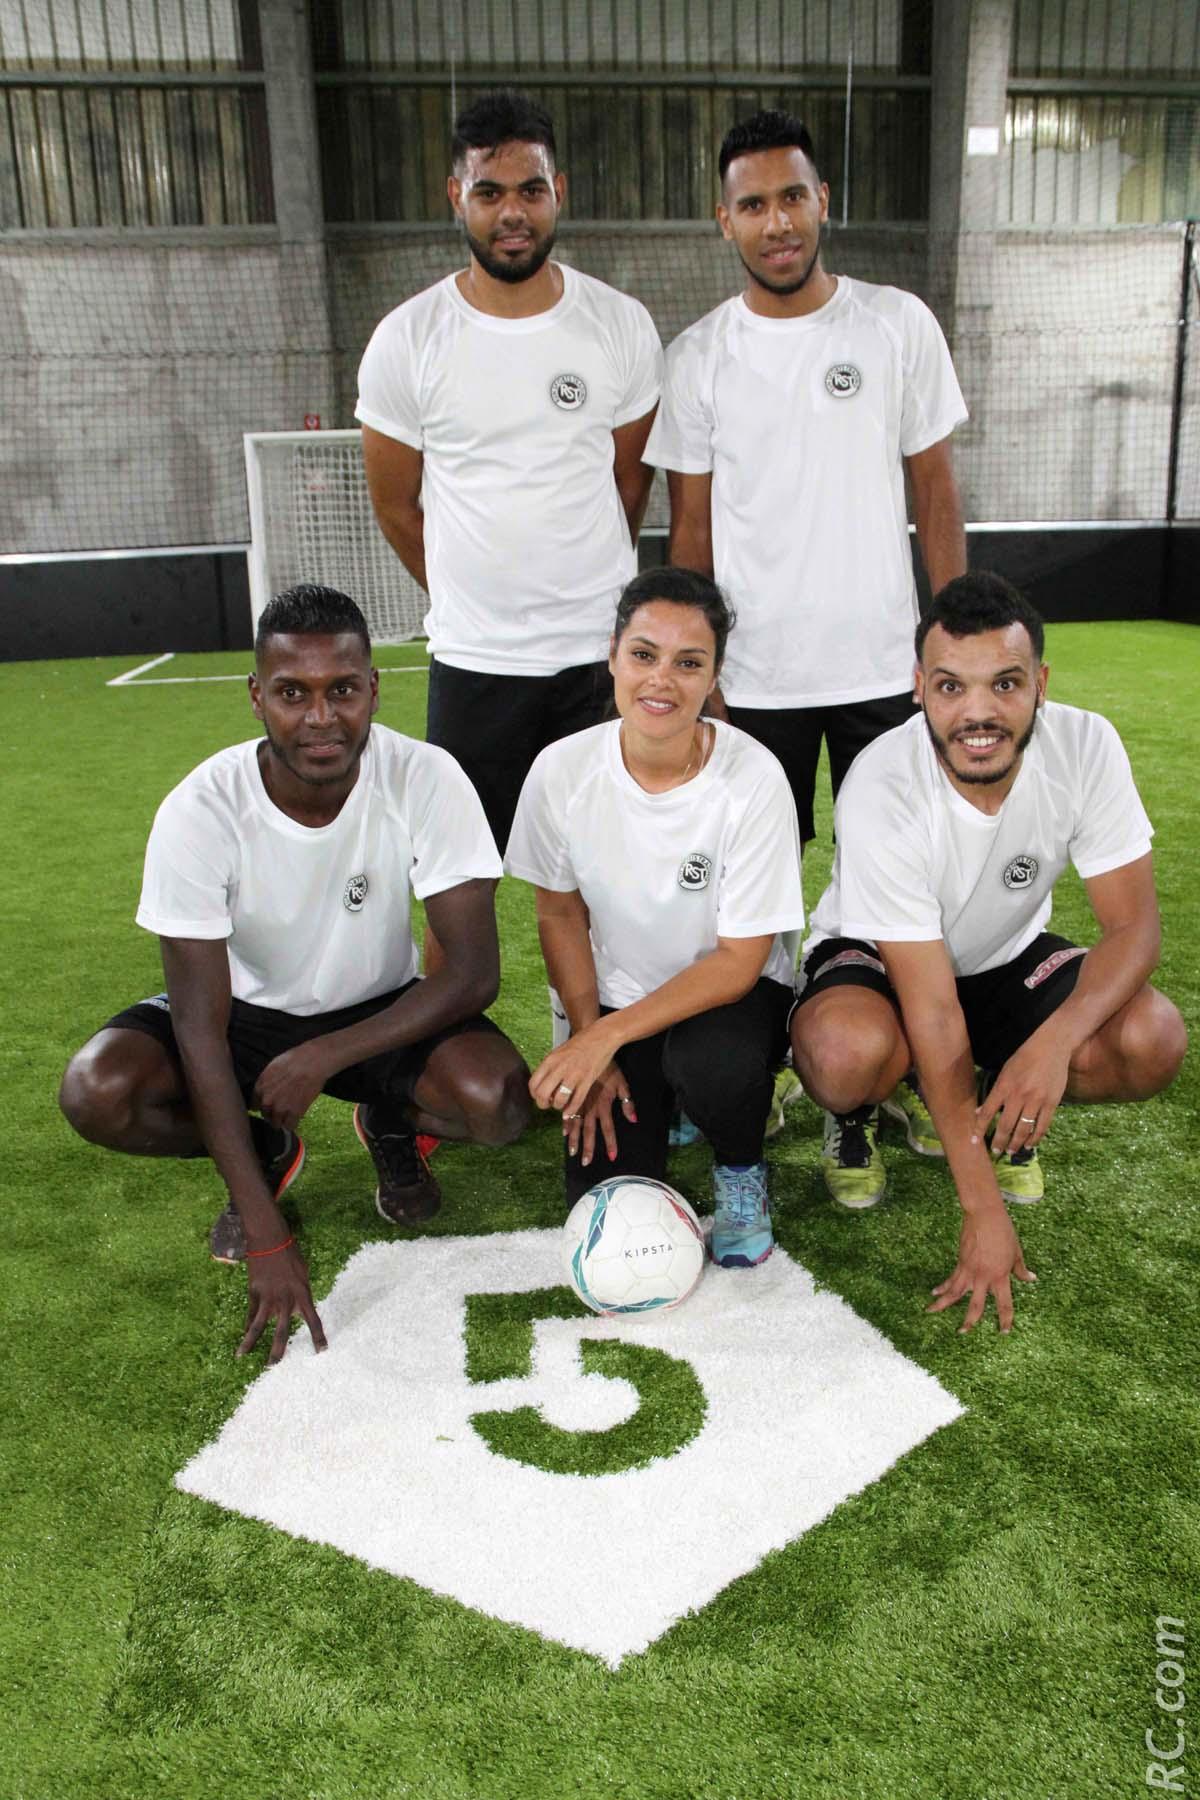 Katyana Castelneau était à la tête de cette équipe de football venue tester les installations du Five